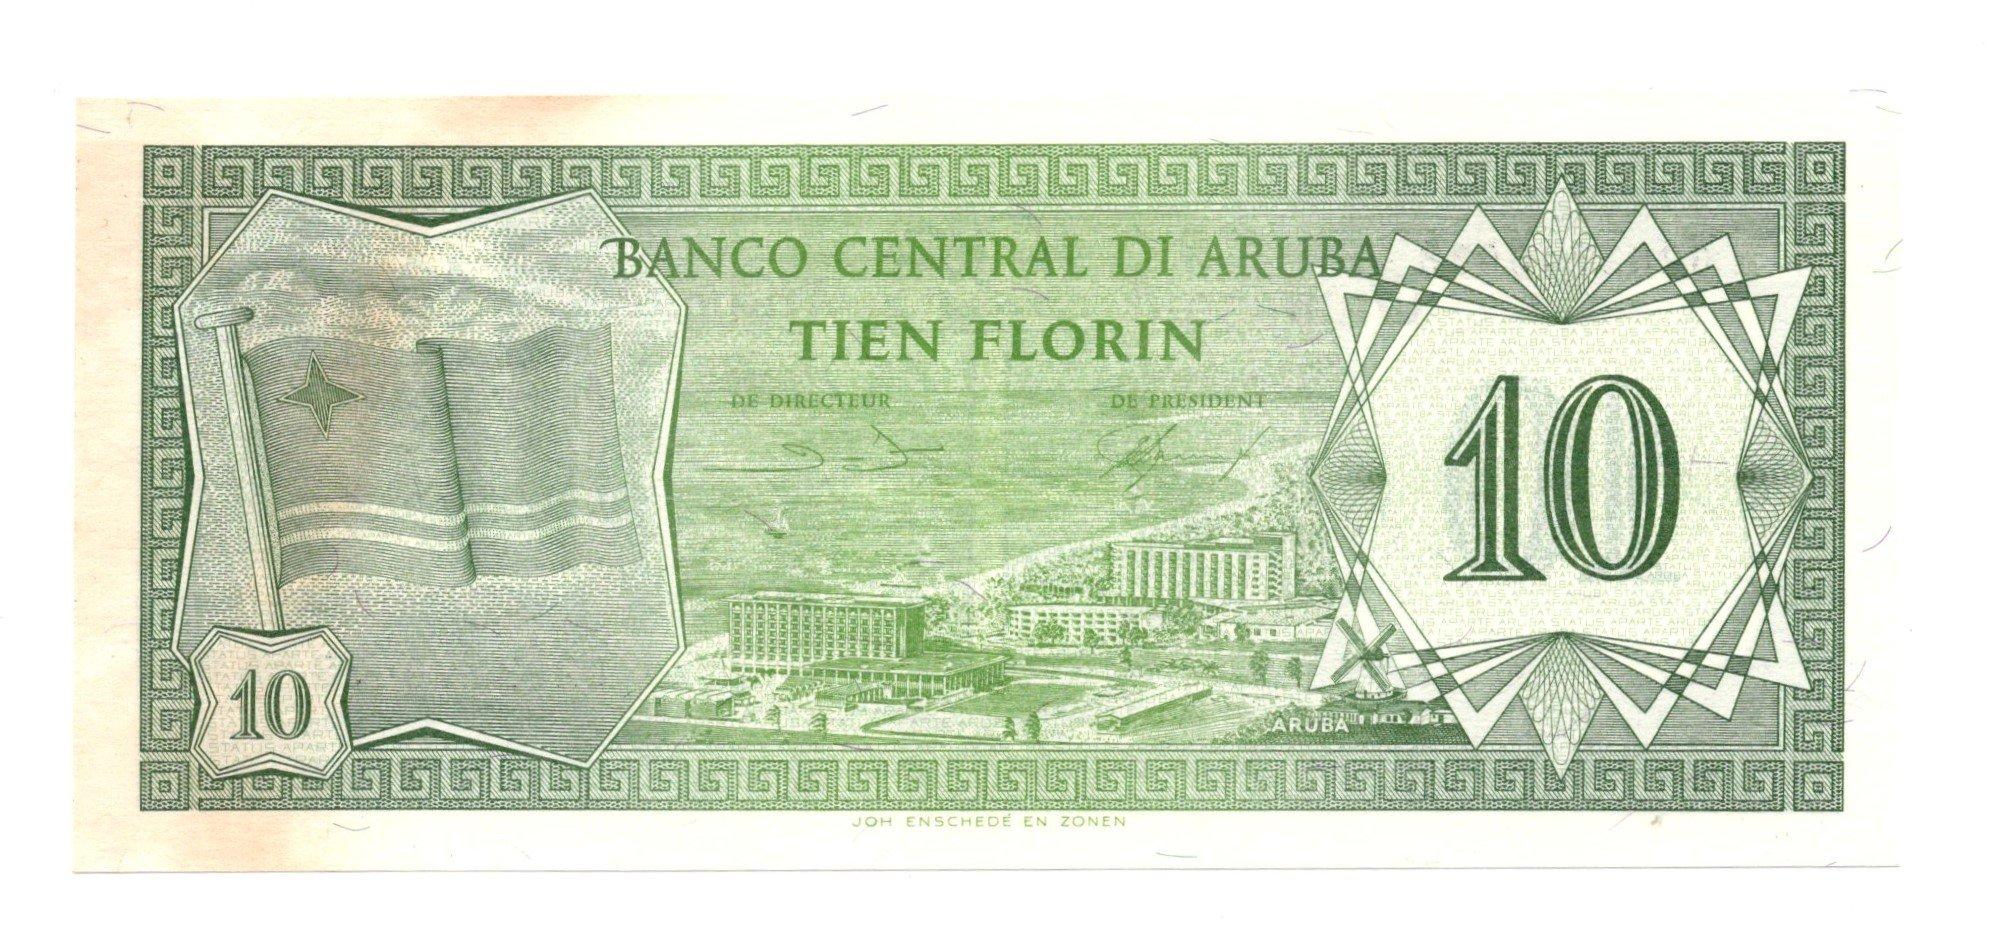 aruba 10 florin